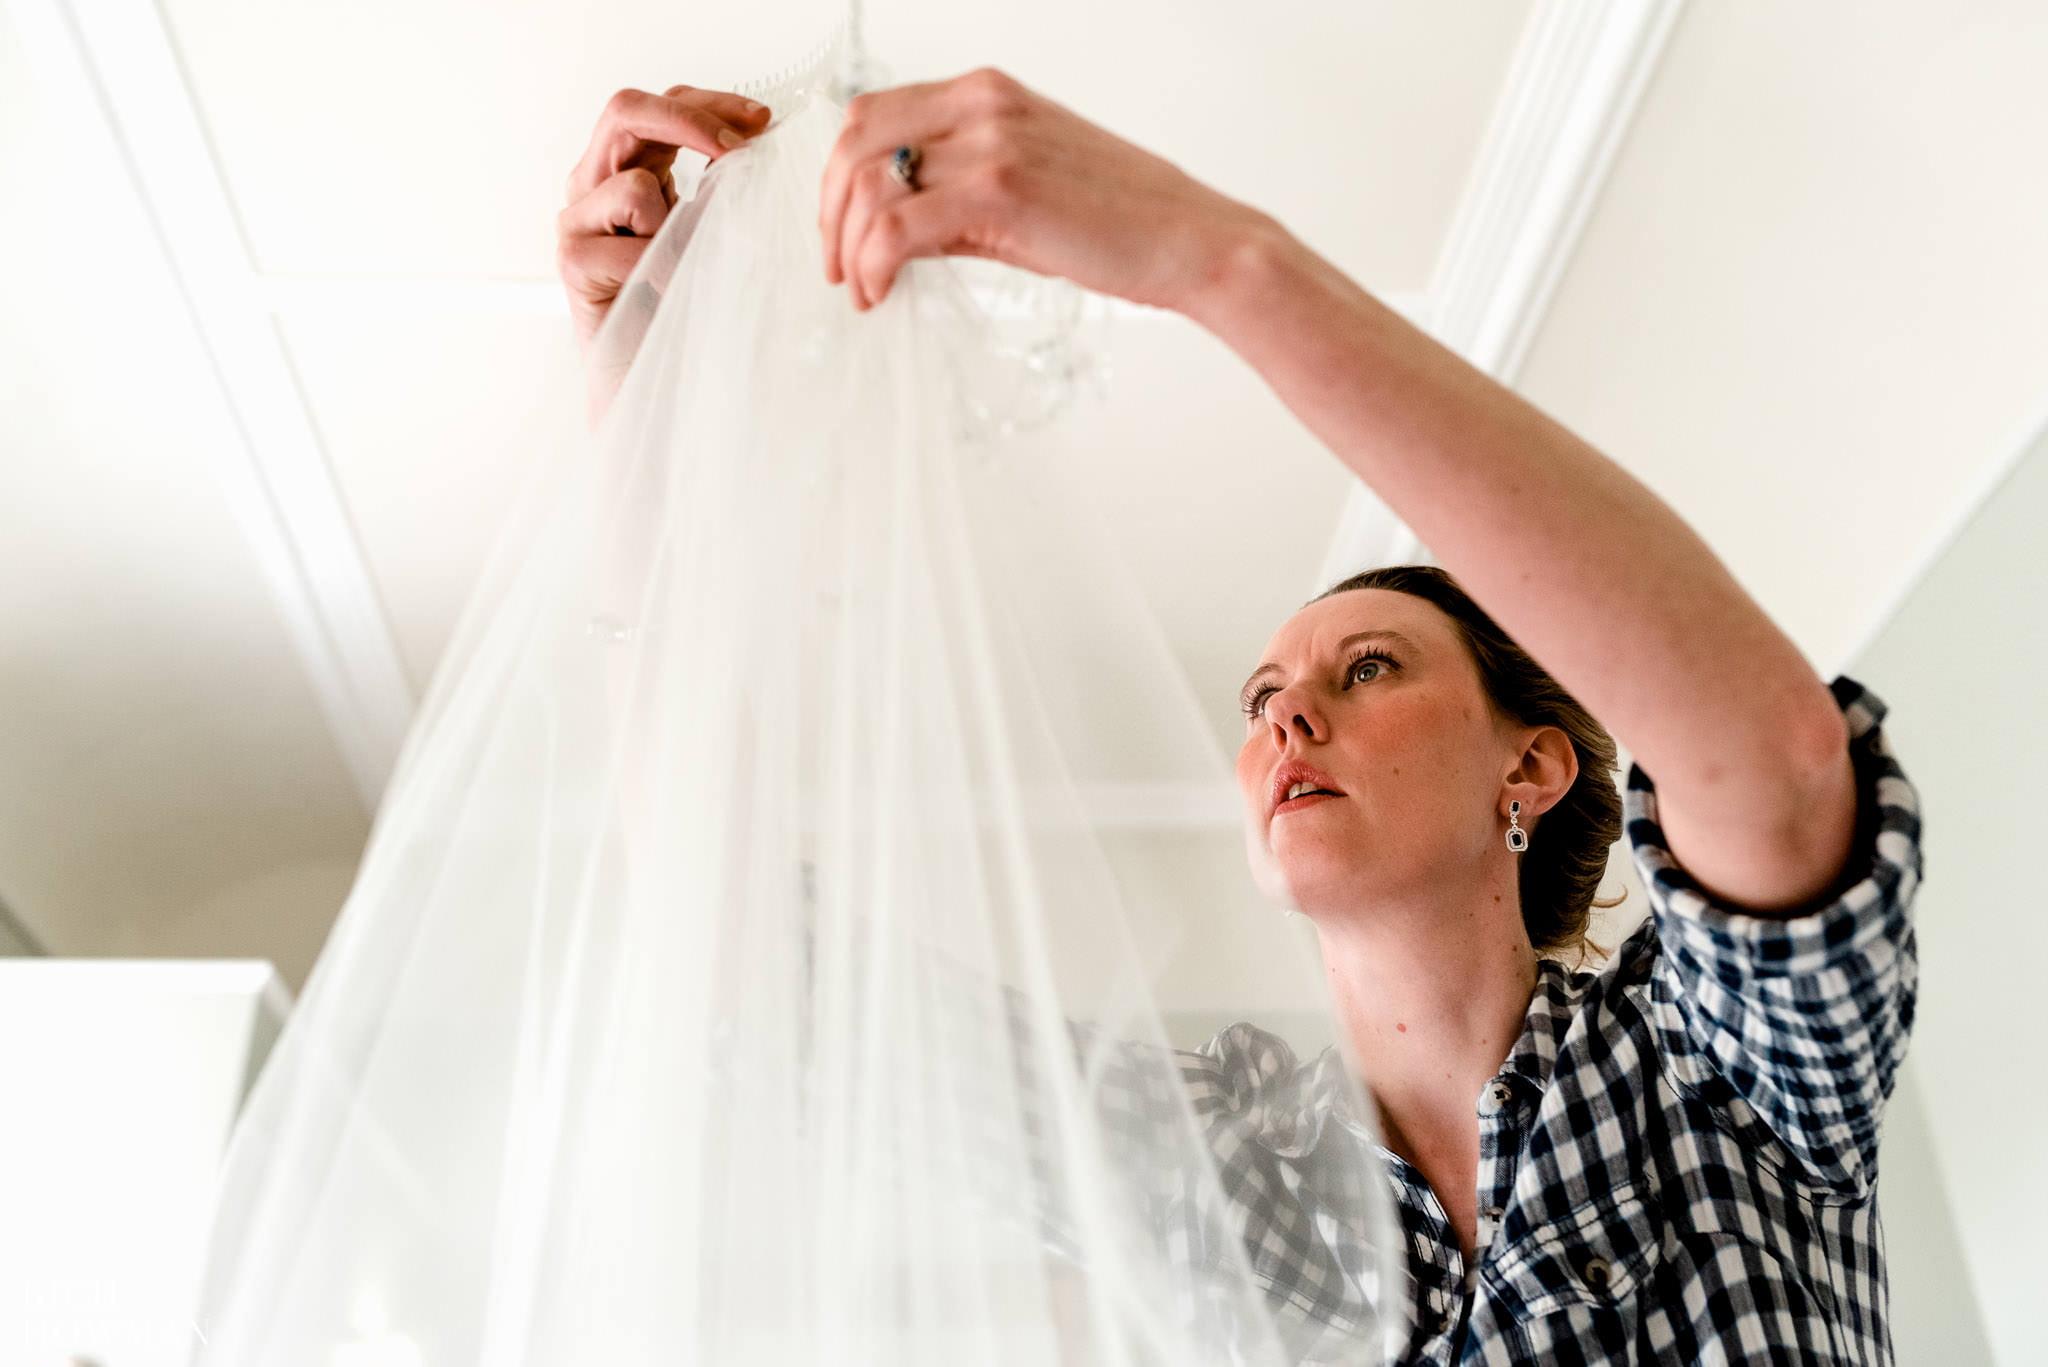 The bride adjusting her veil